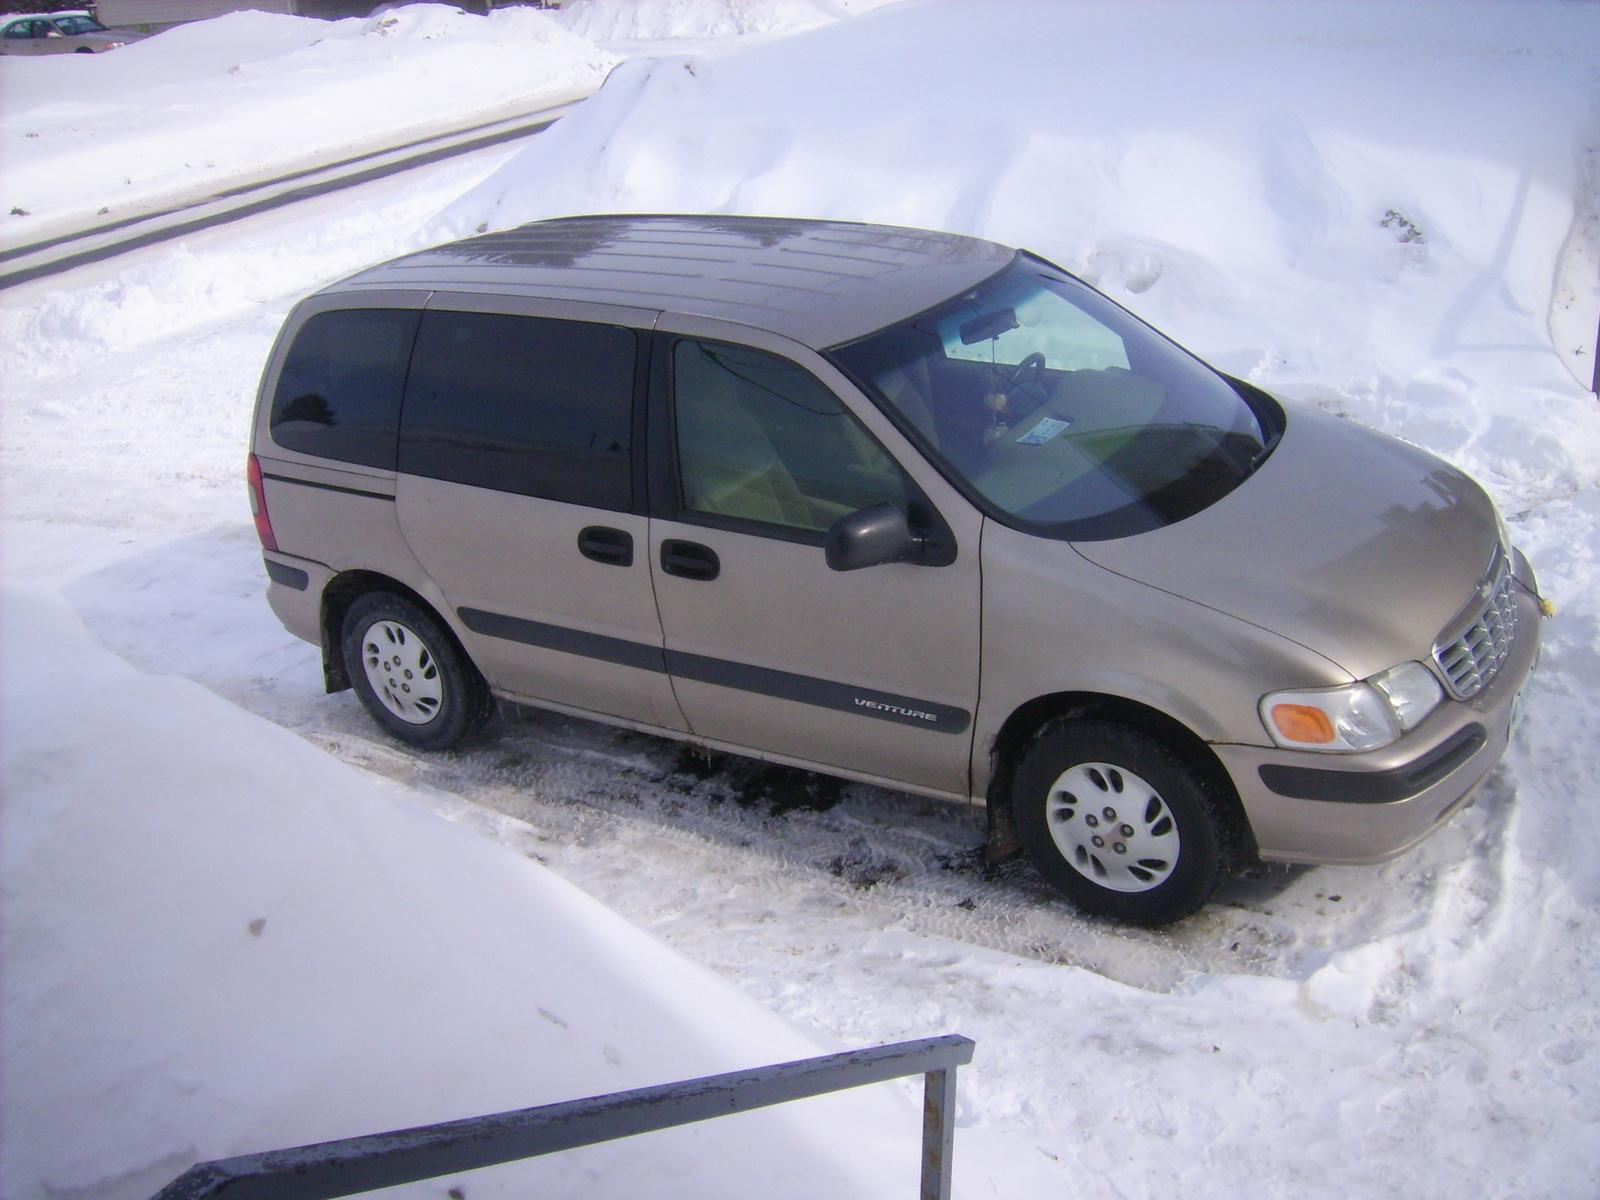 hight resolution of  1998 chevrolet venture 3 door extended cargo van photo 2